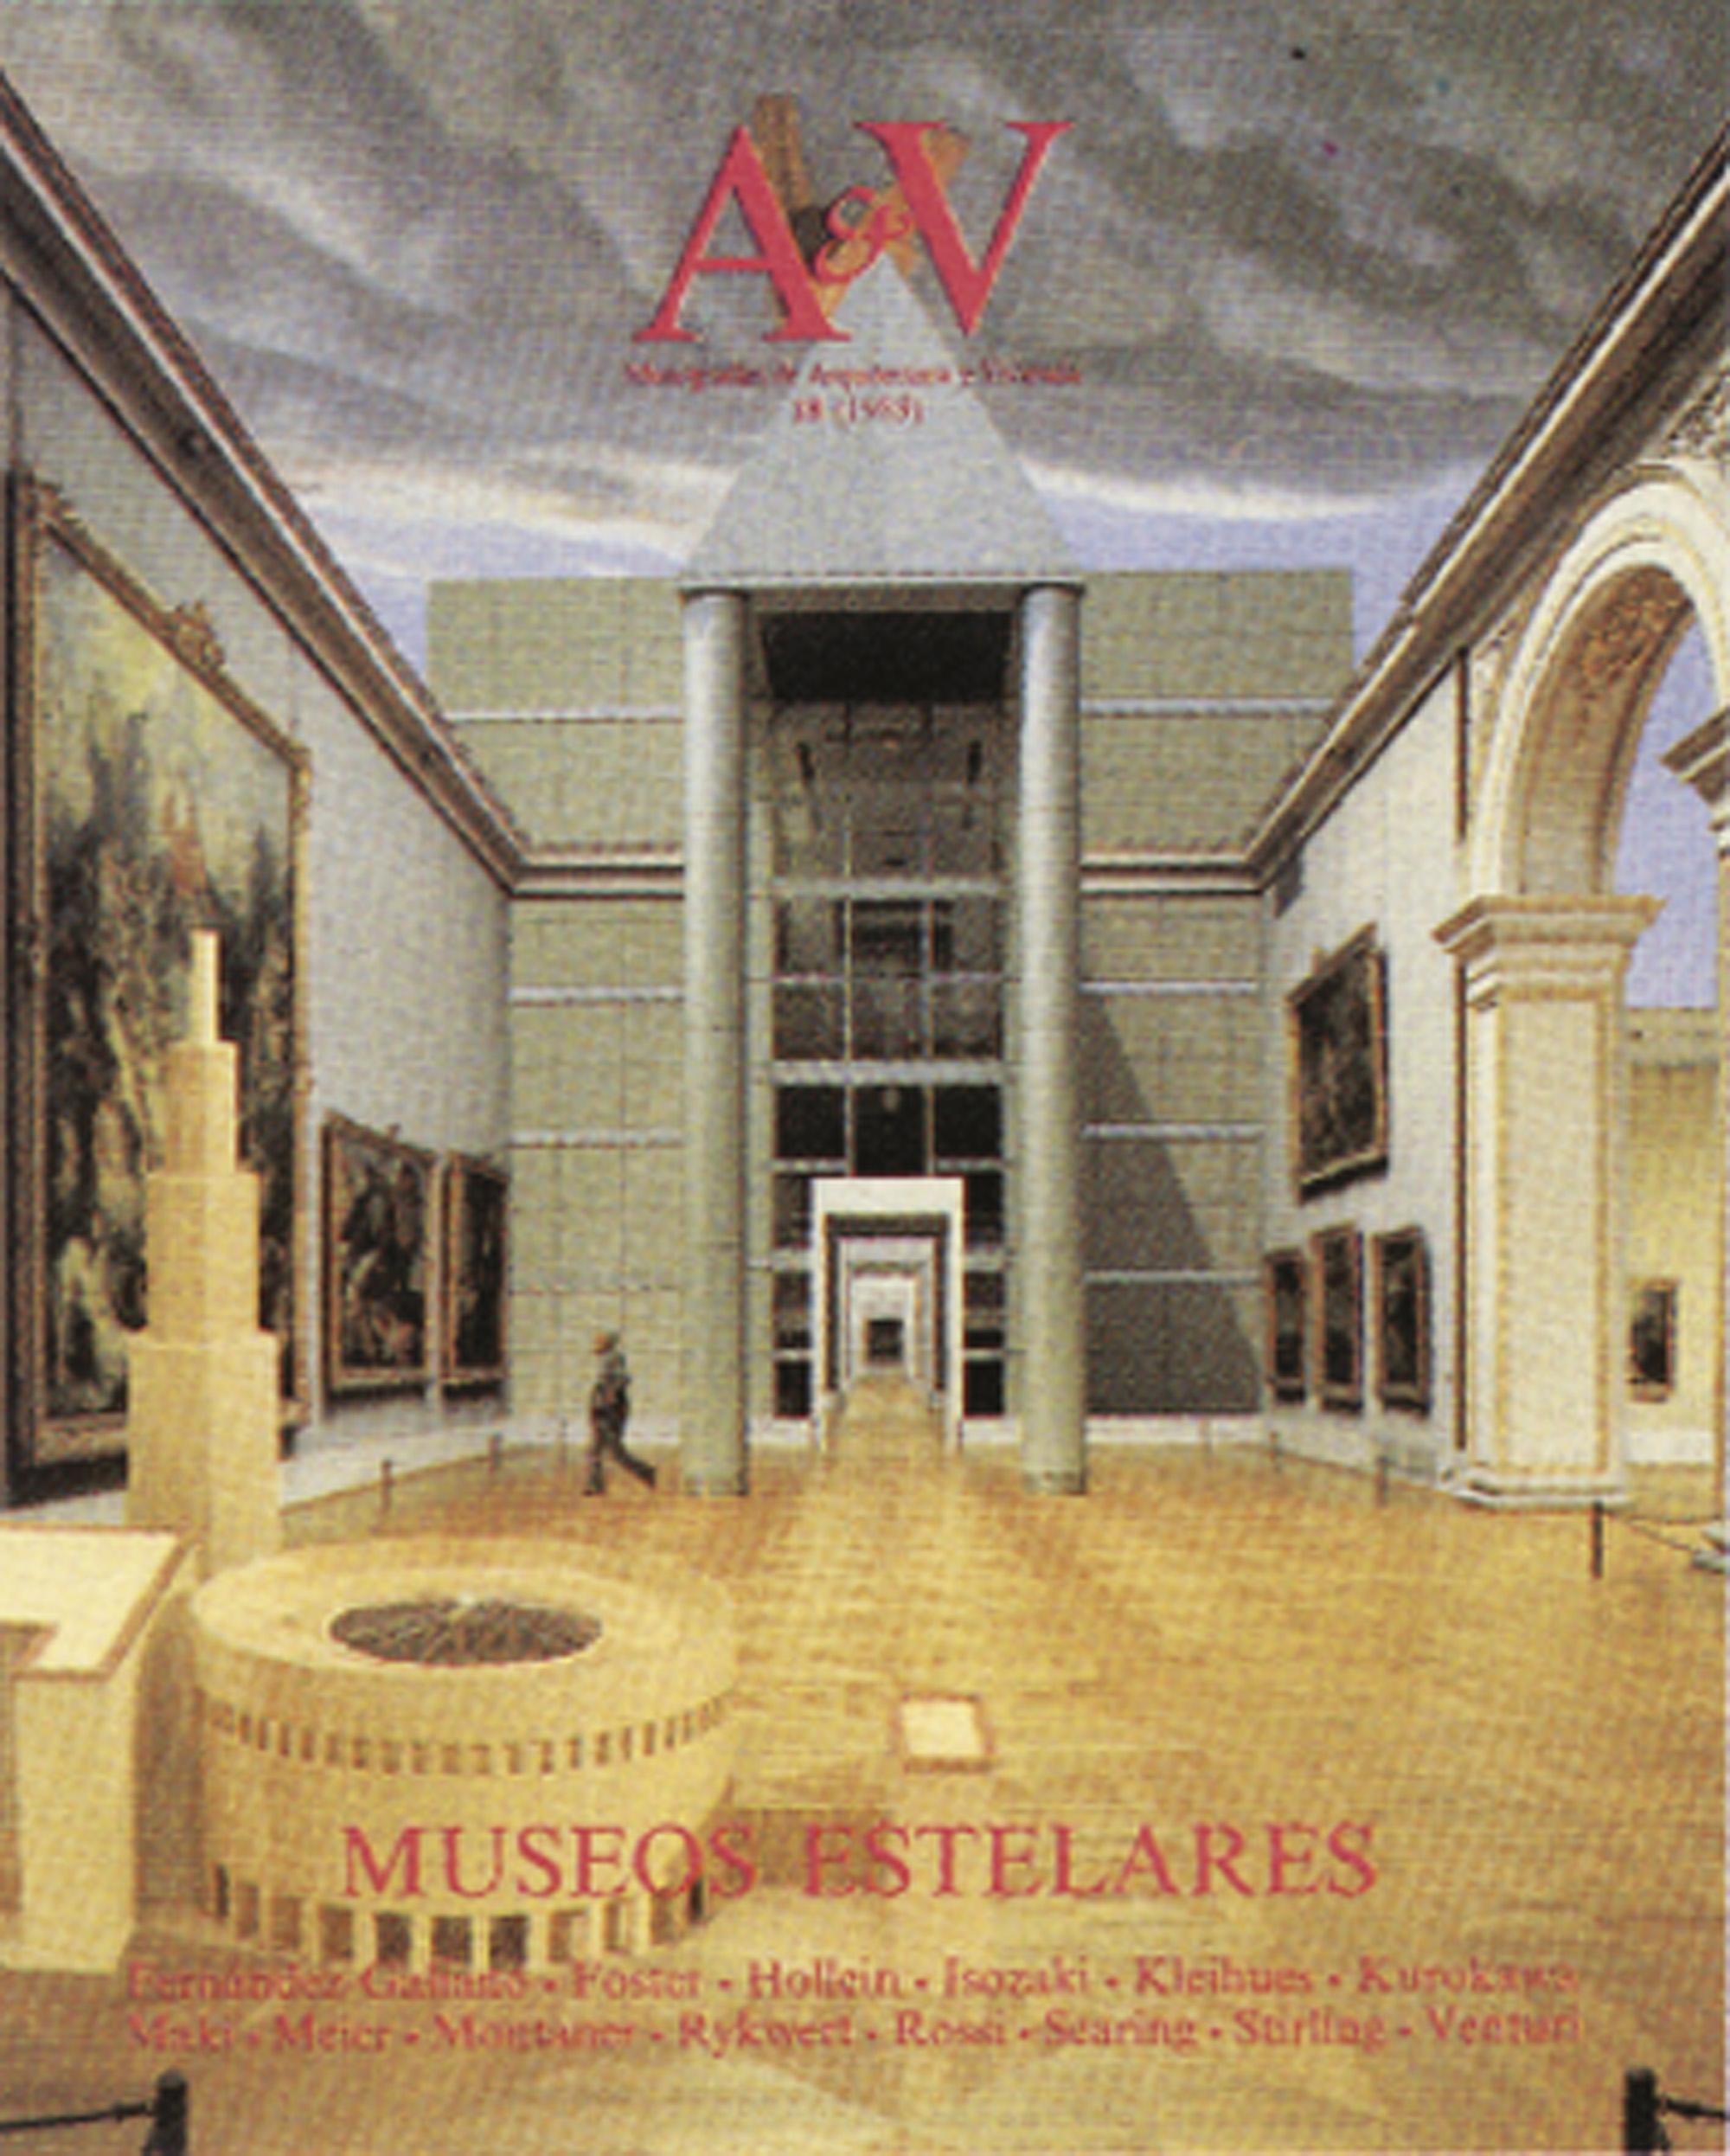 Museos estelares